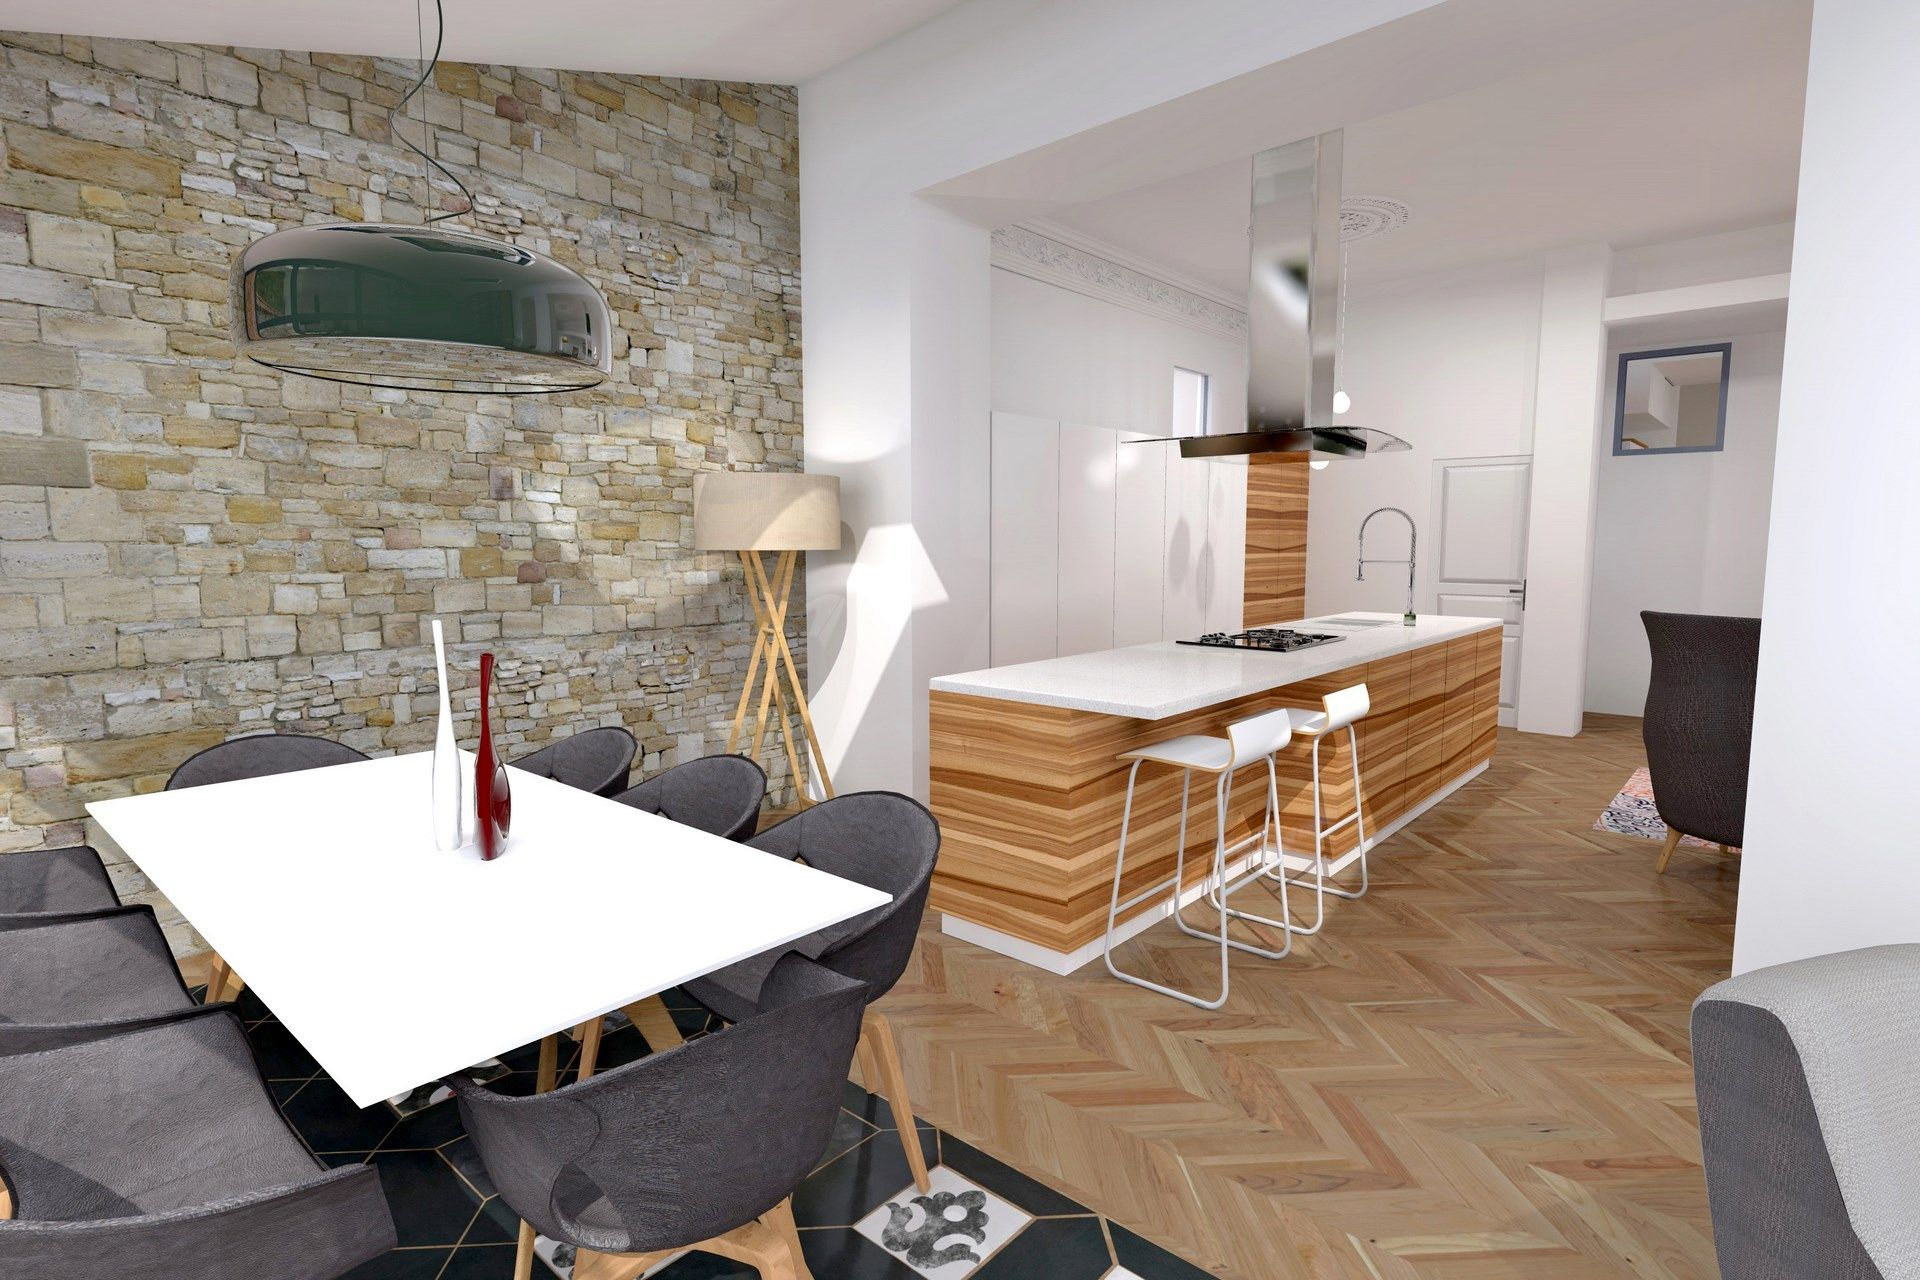 cuisine ouverte mur en pierre agence avous agence avous pi ces vivre pinterest murs de. Black Bedroom Furniture Sets. Home Design Ideas